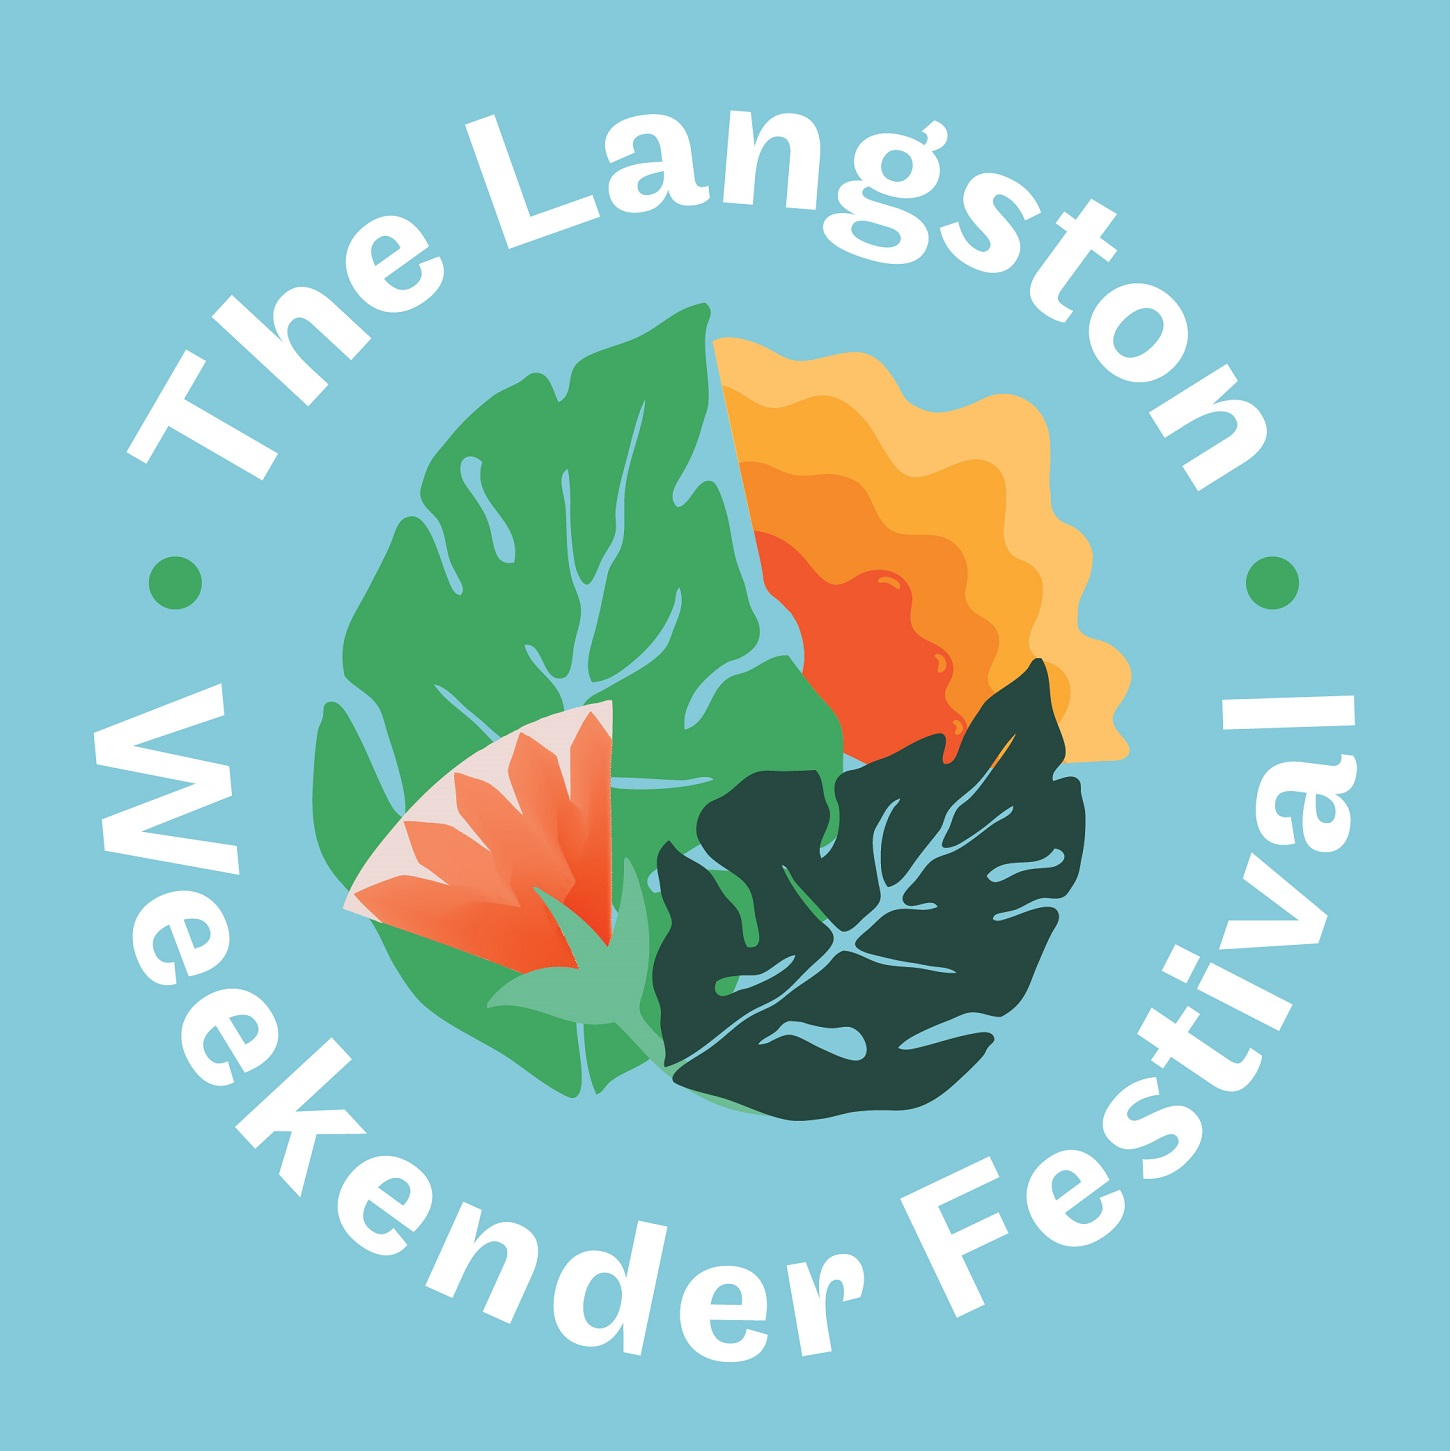 The Langston Weekender, Epping